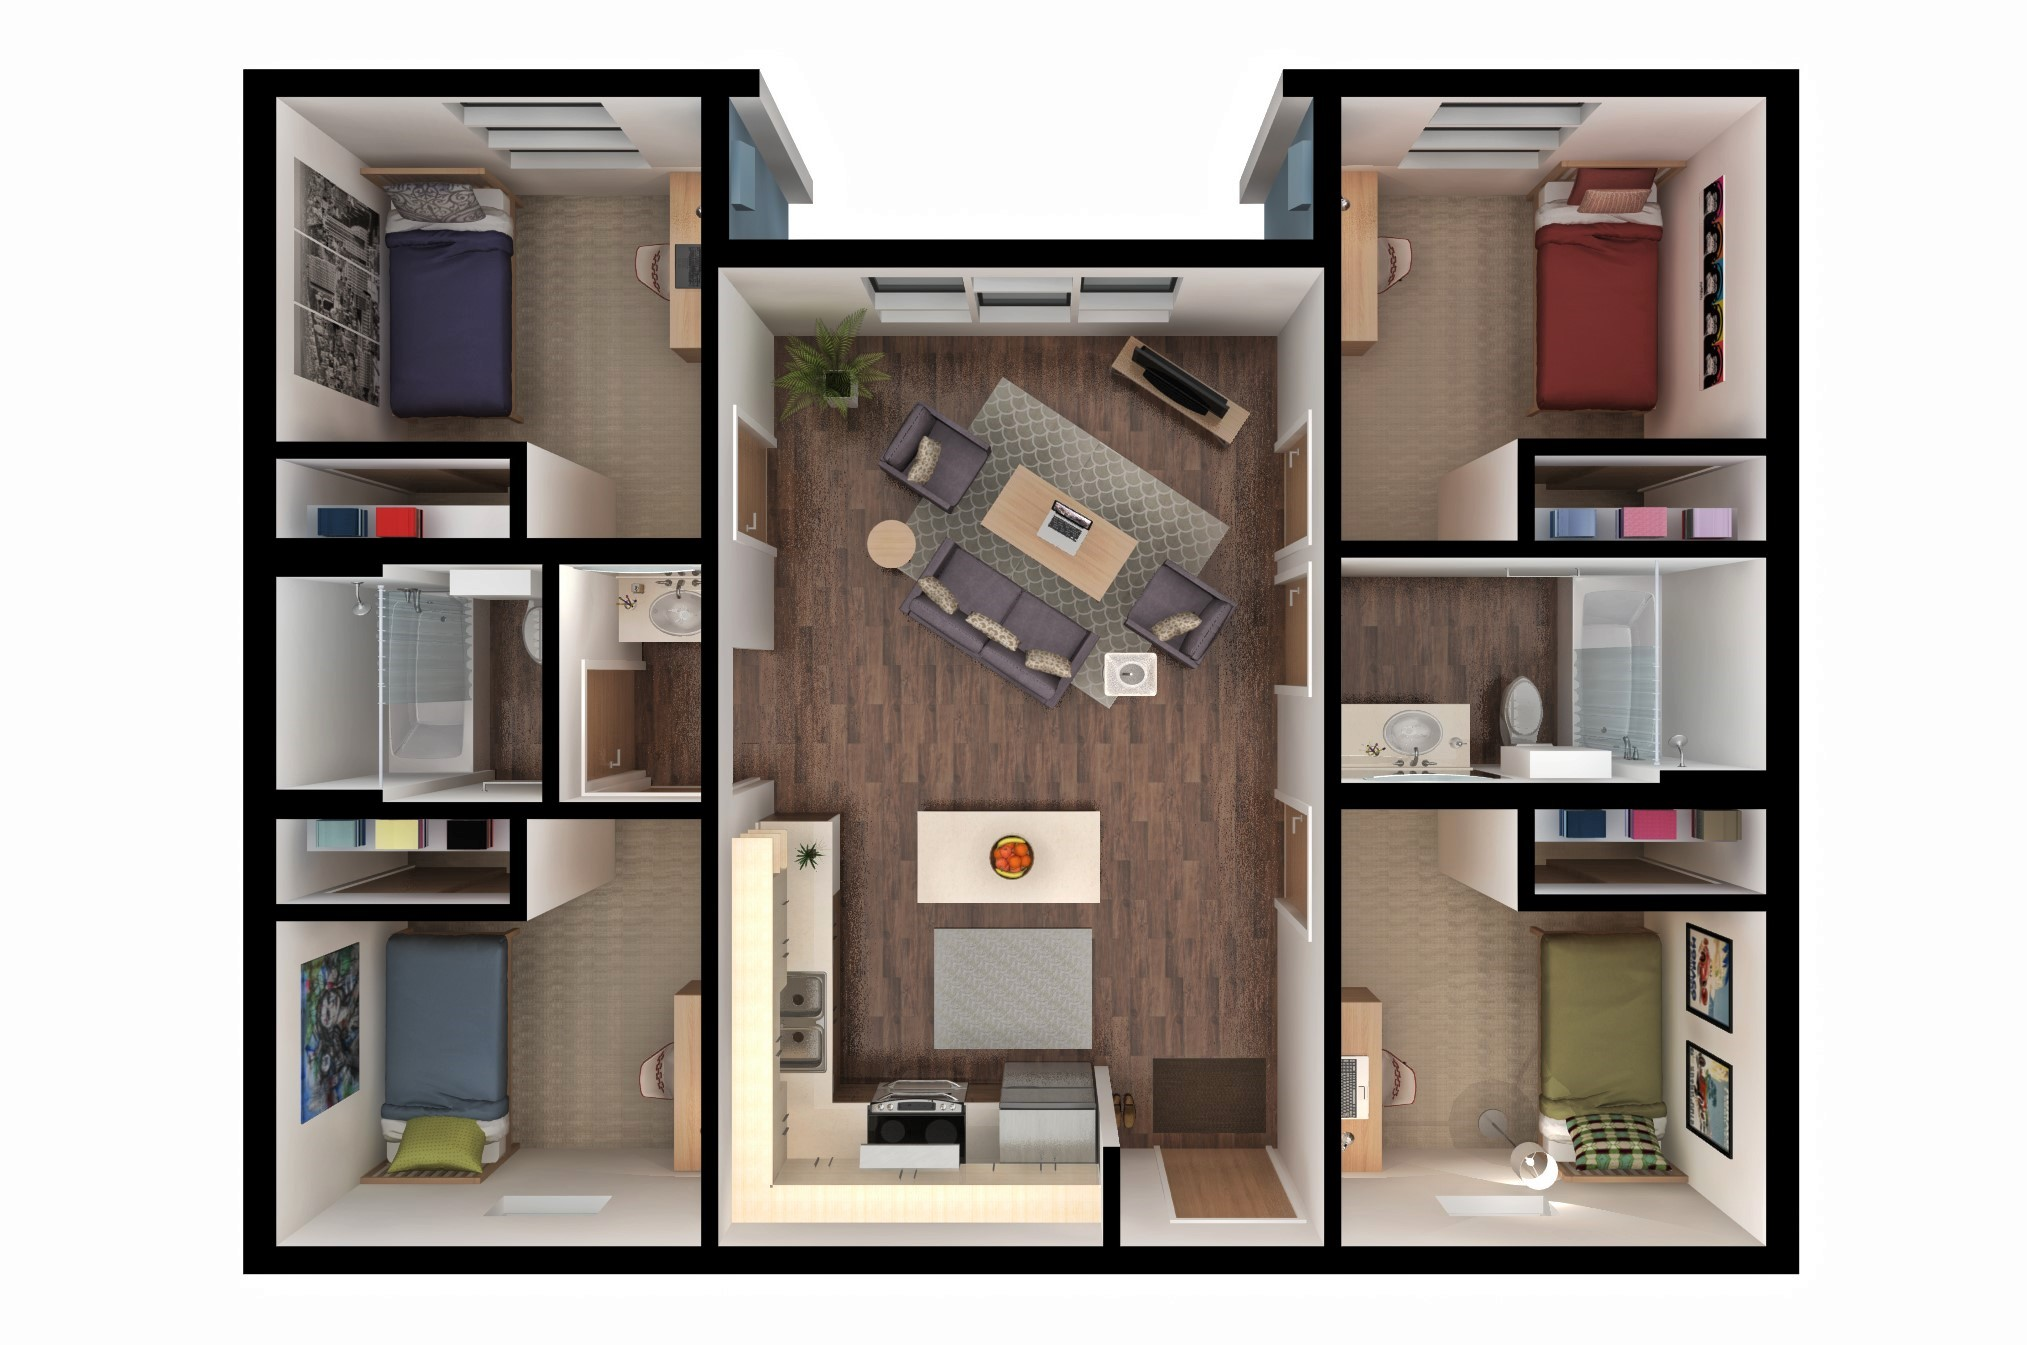 EVCC 4 Bed Rendering.jpg